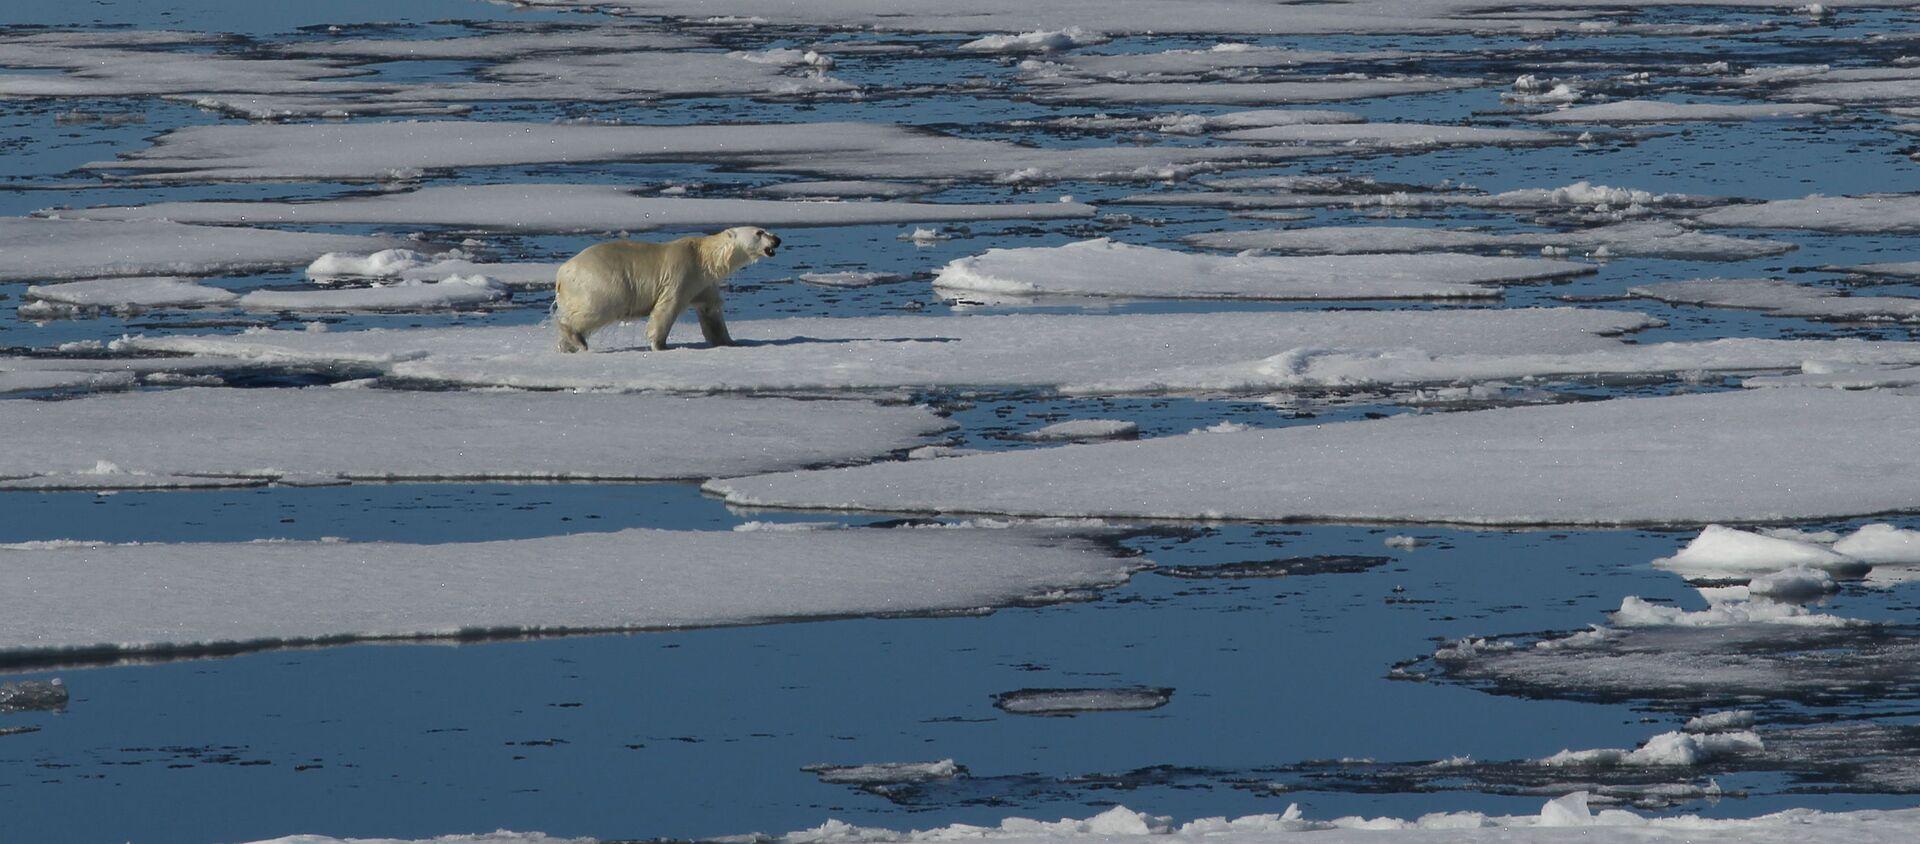 Un orso bianco nell'Artico - Sputnik Italia, 1920, 29.03.2019